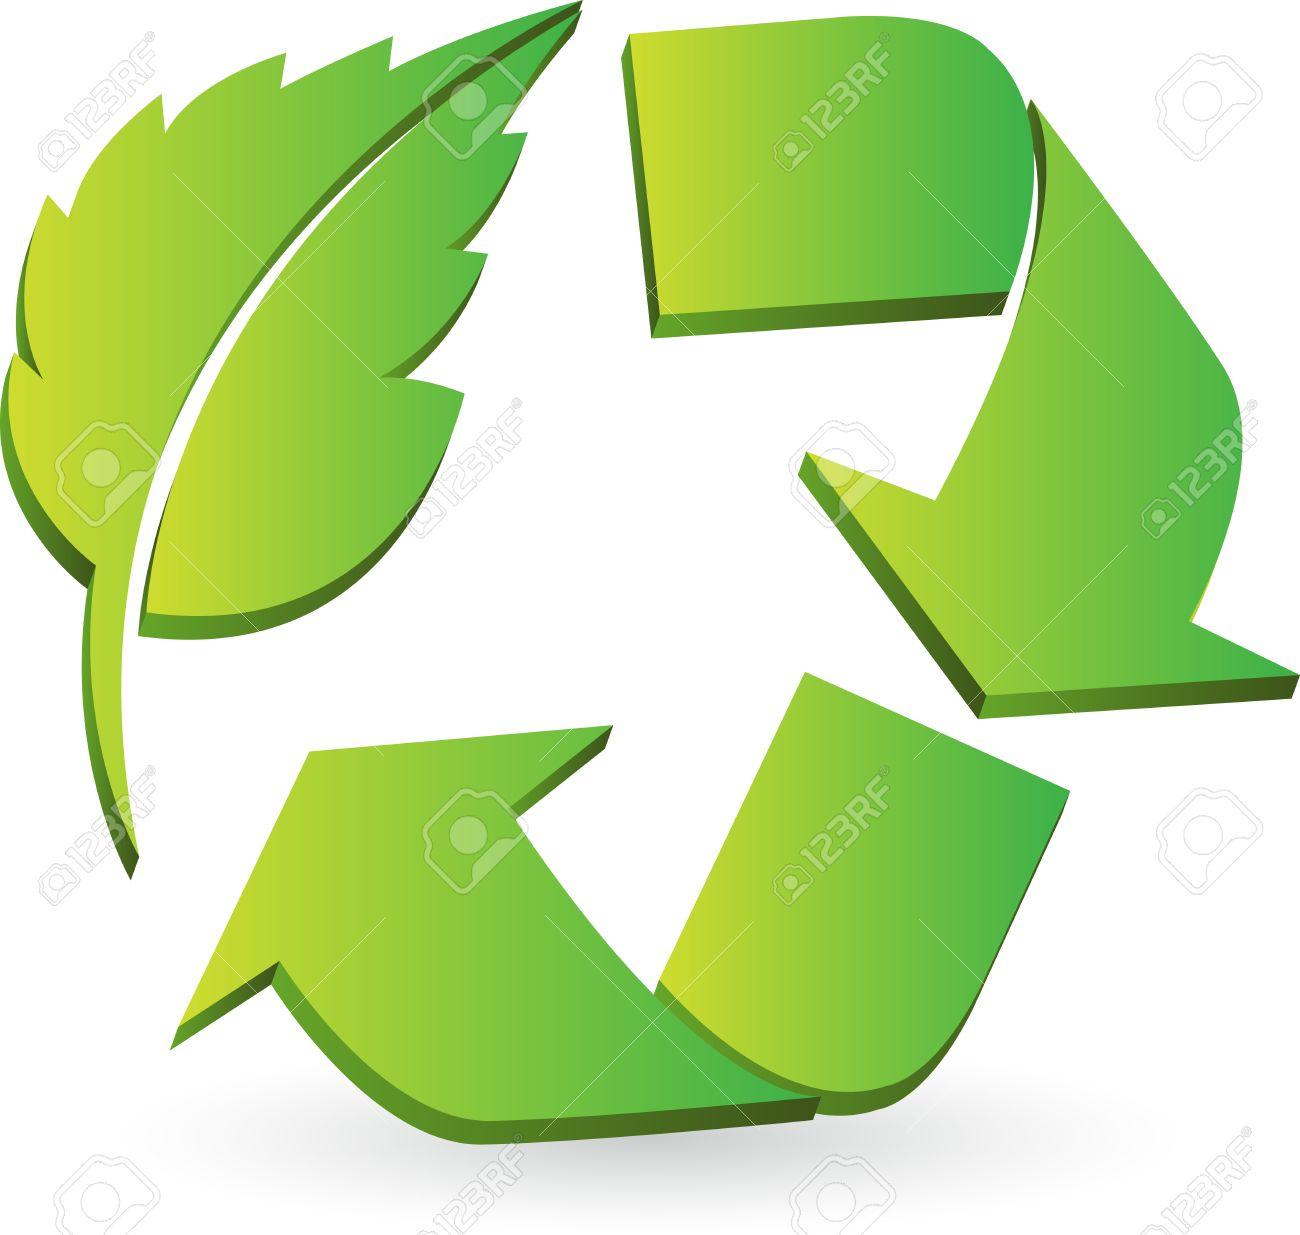 Le symbole ou le logo du recyclage